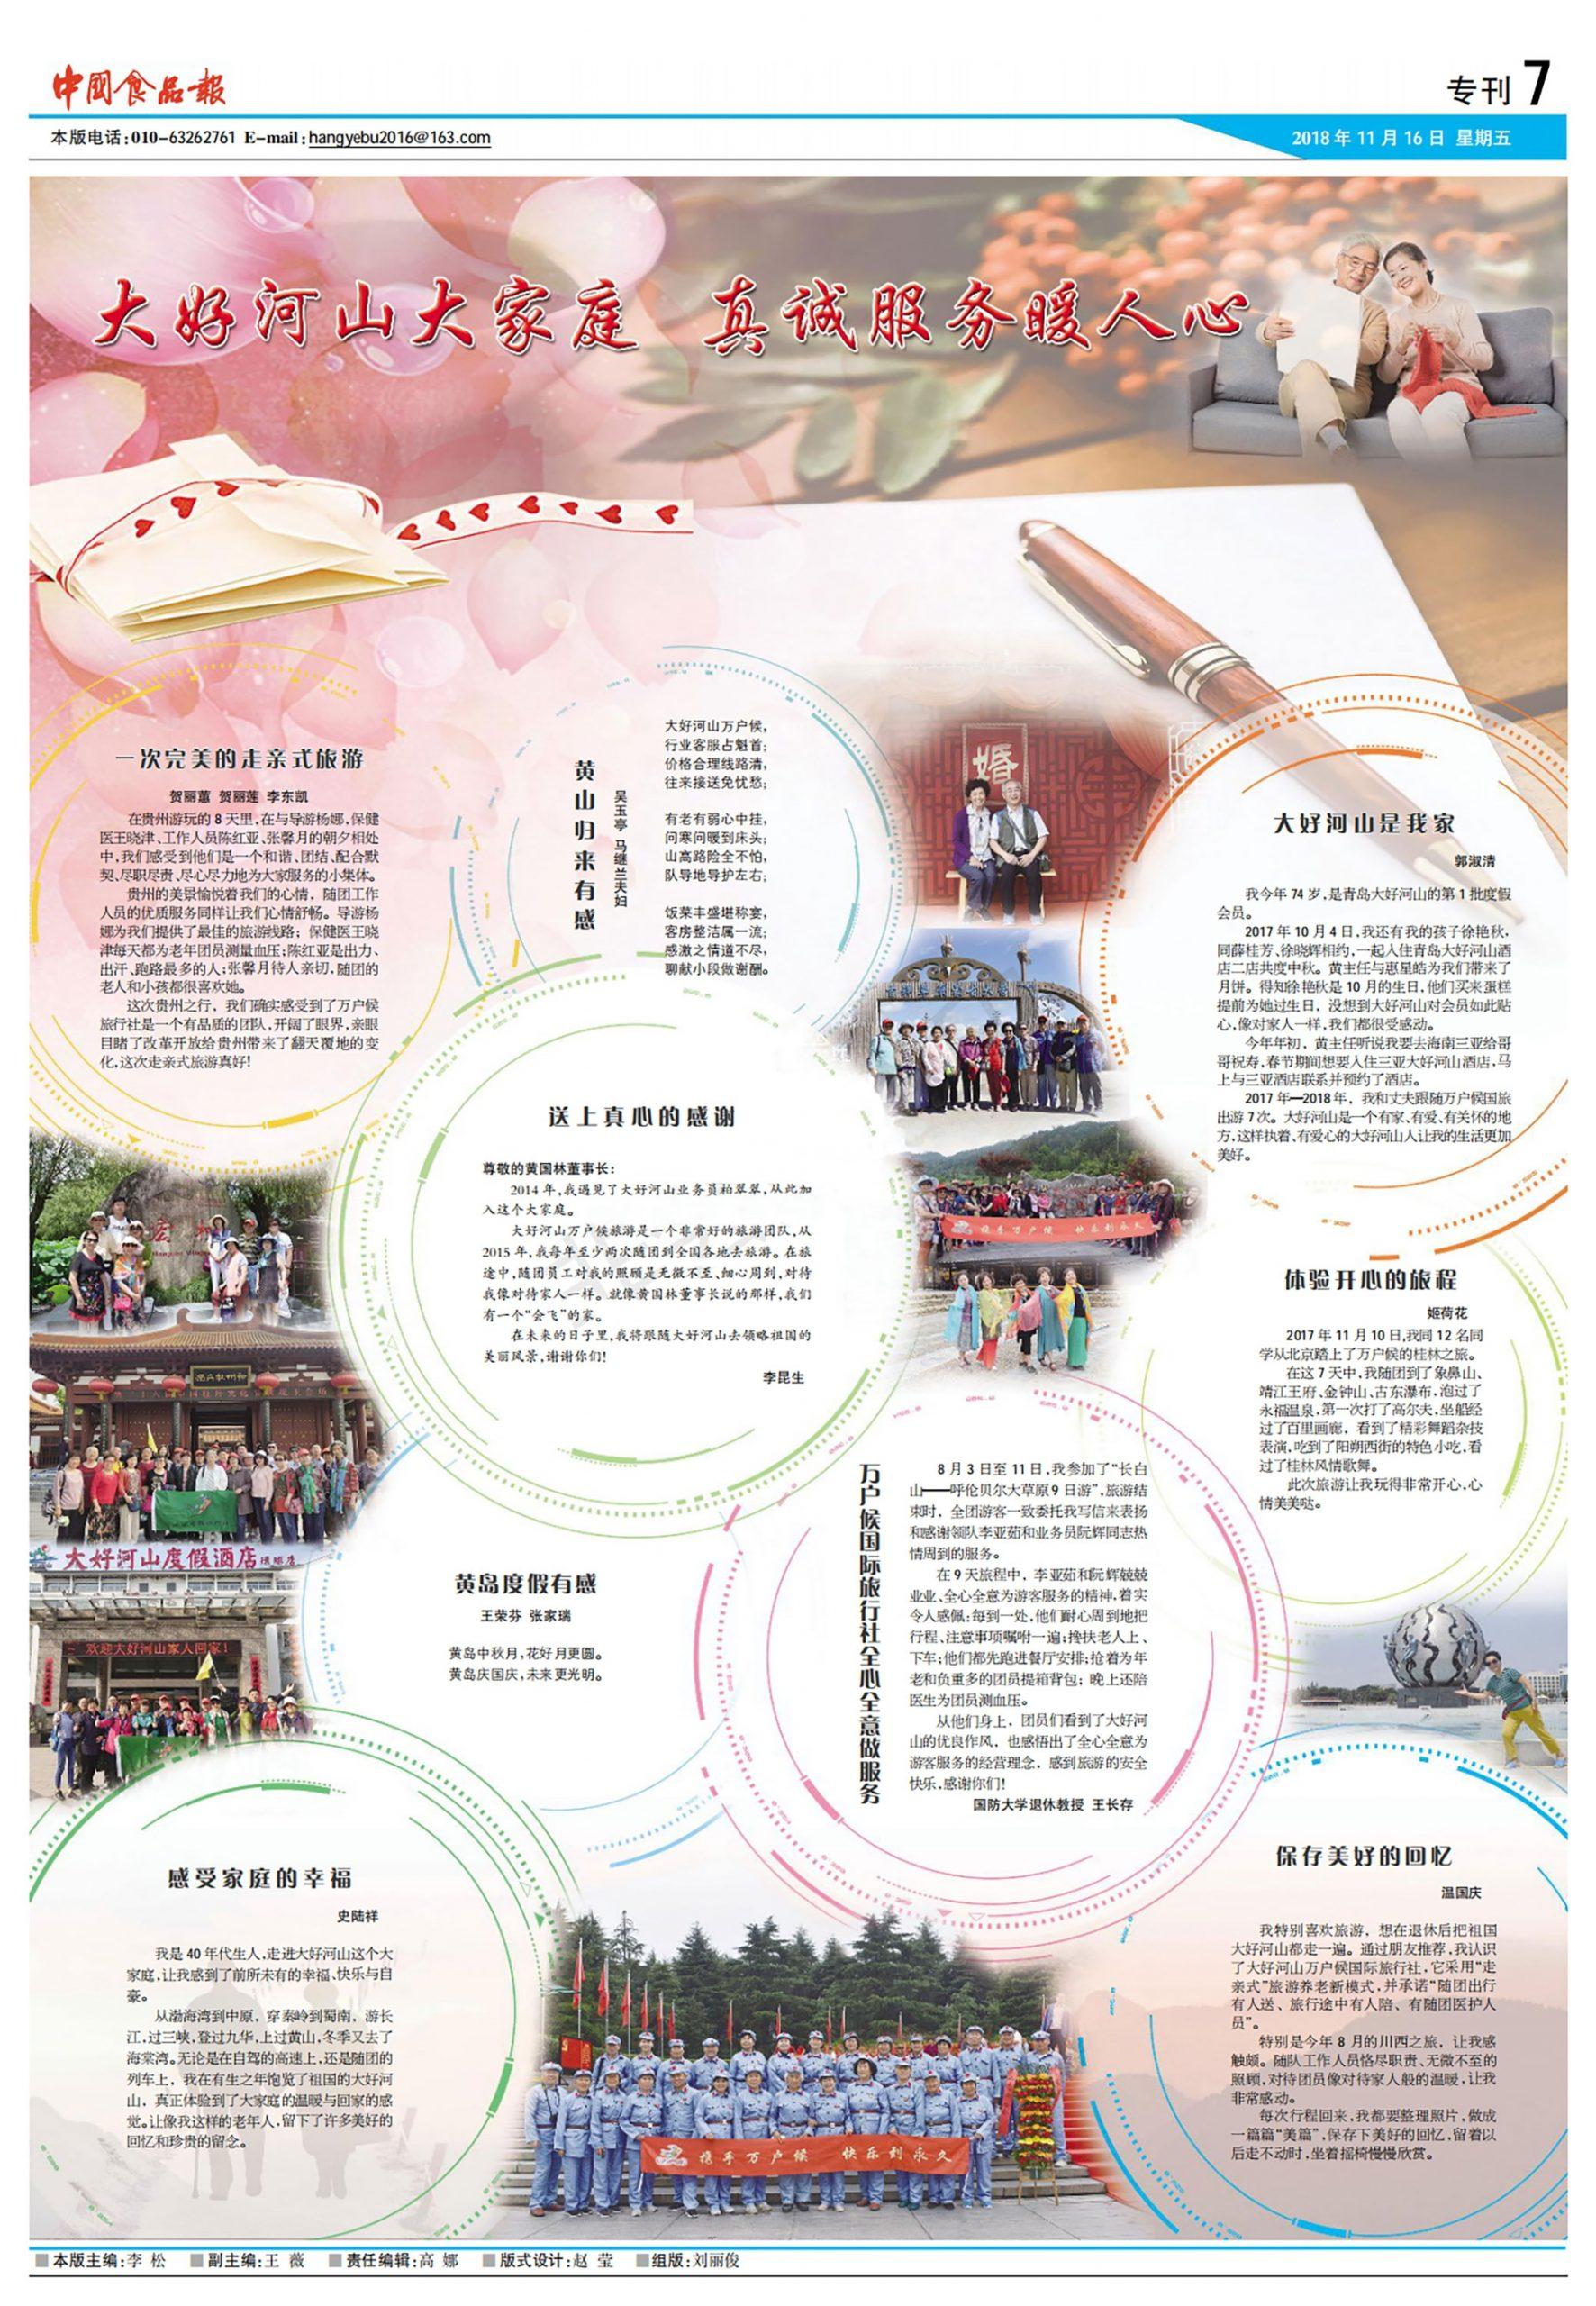 中国食品报 2018-11-16 专刊7